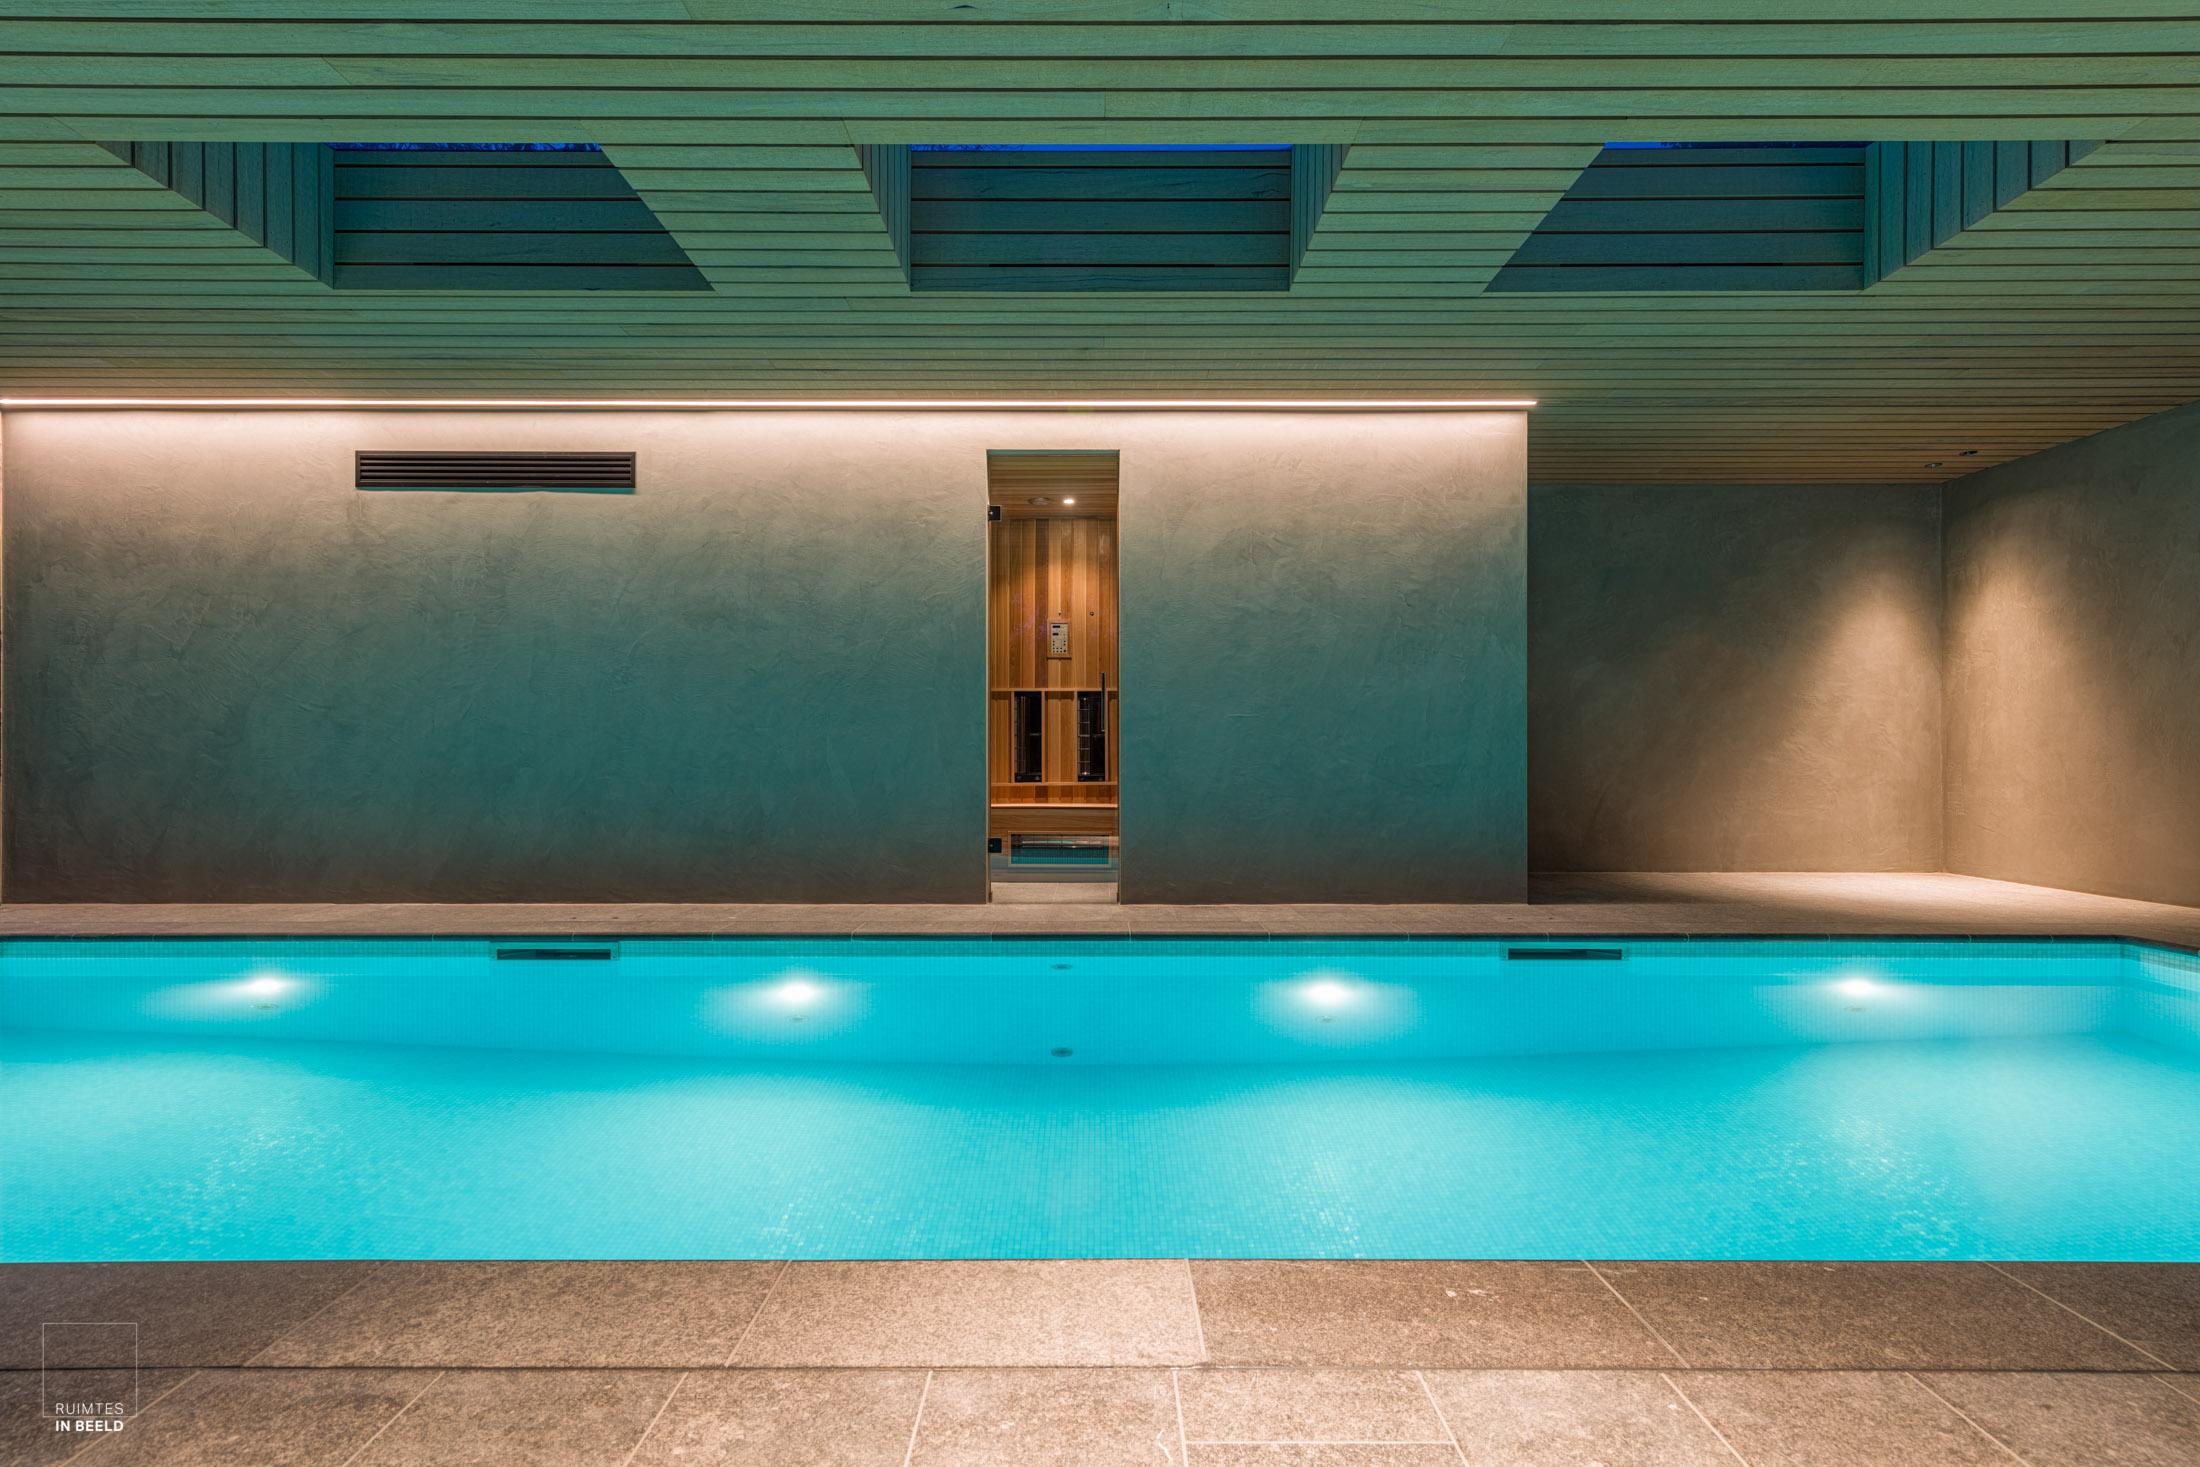 Architectuurfotografie van woonhuizen vergt respect voor de privacy van de bewoners.